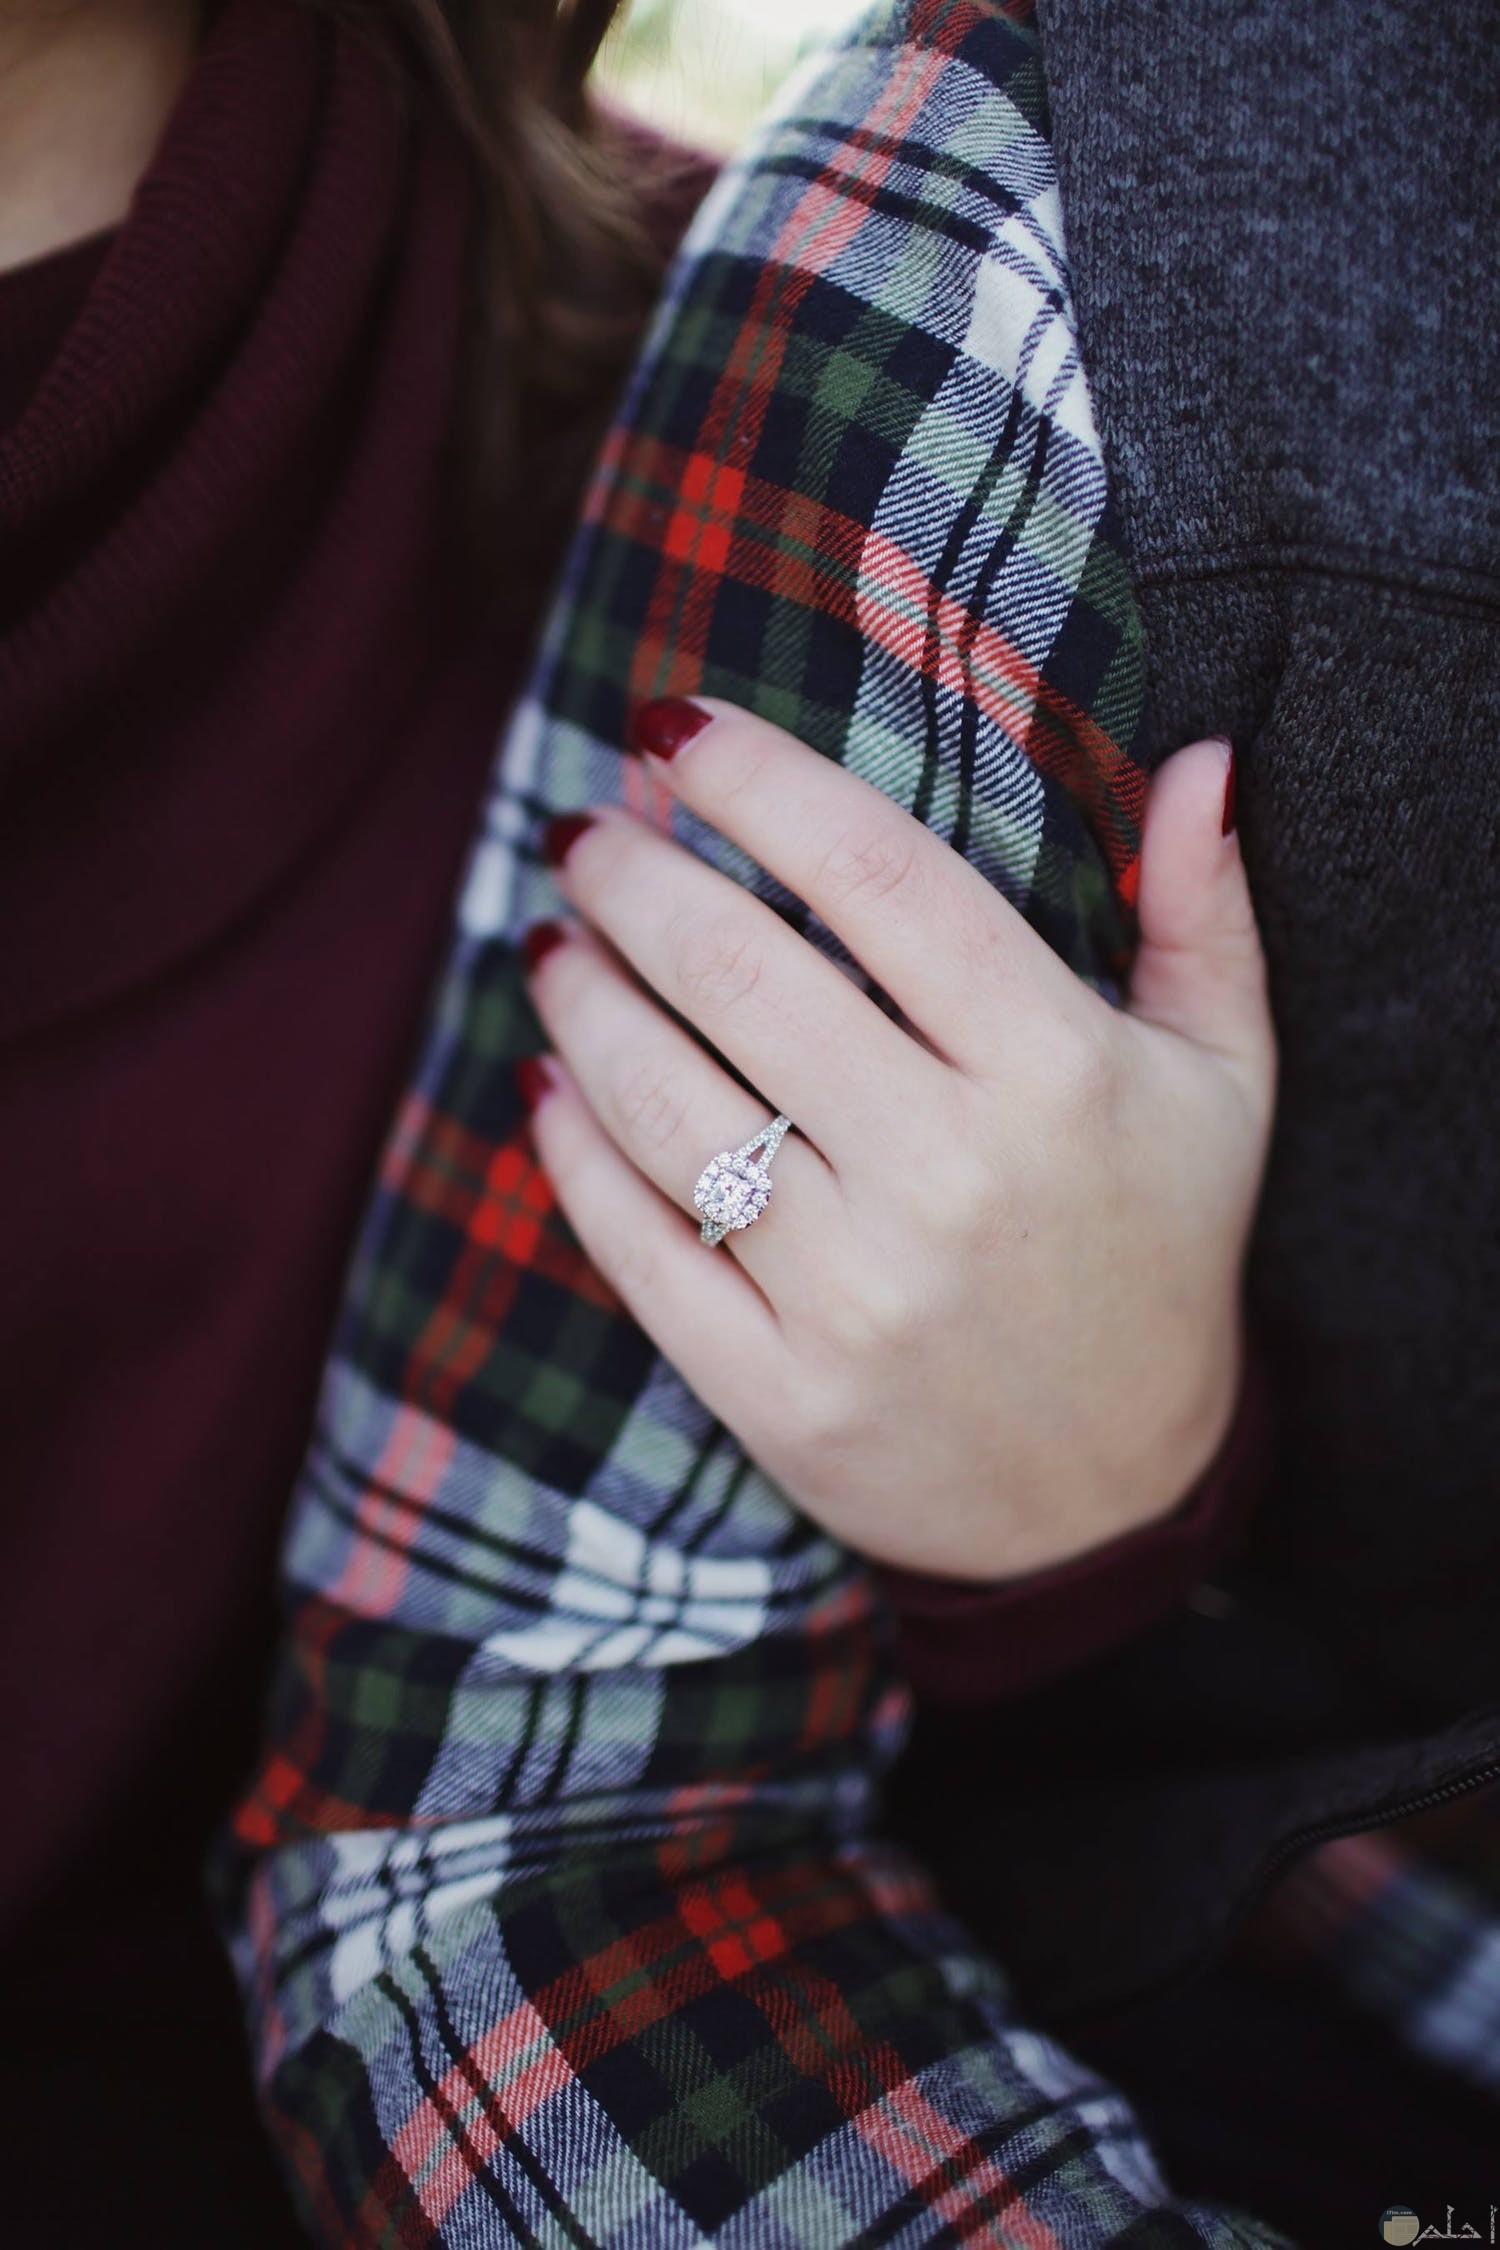 فتاه تحتضن ذراع زوجها